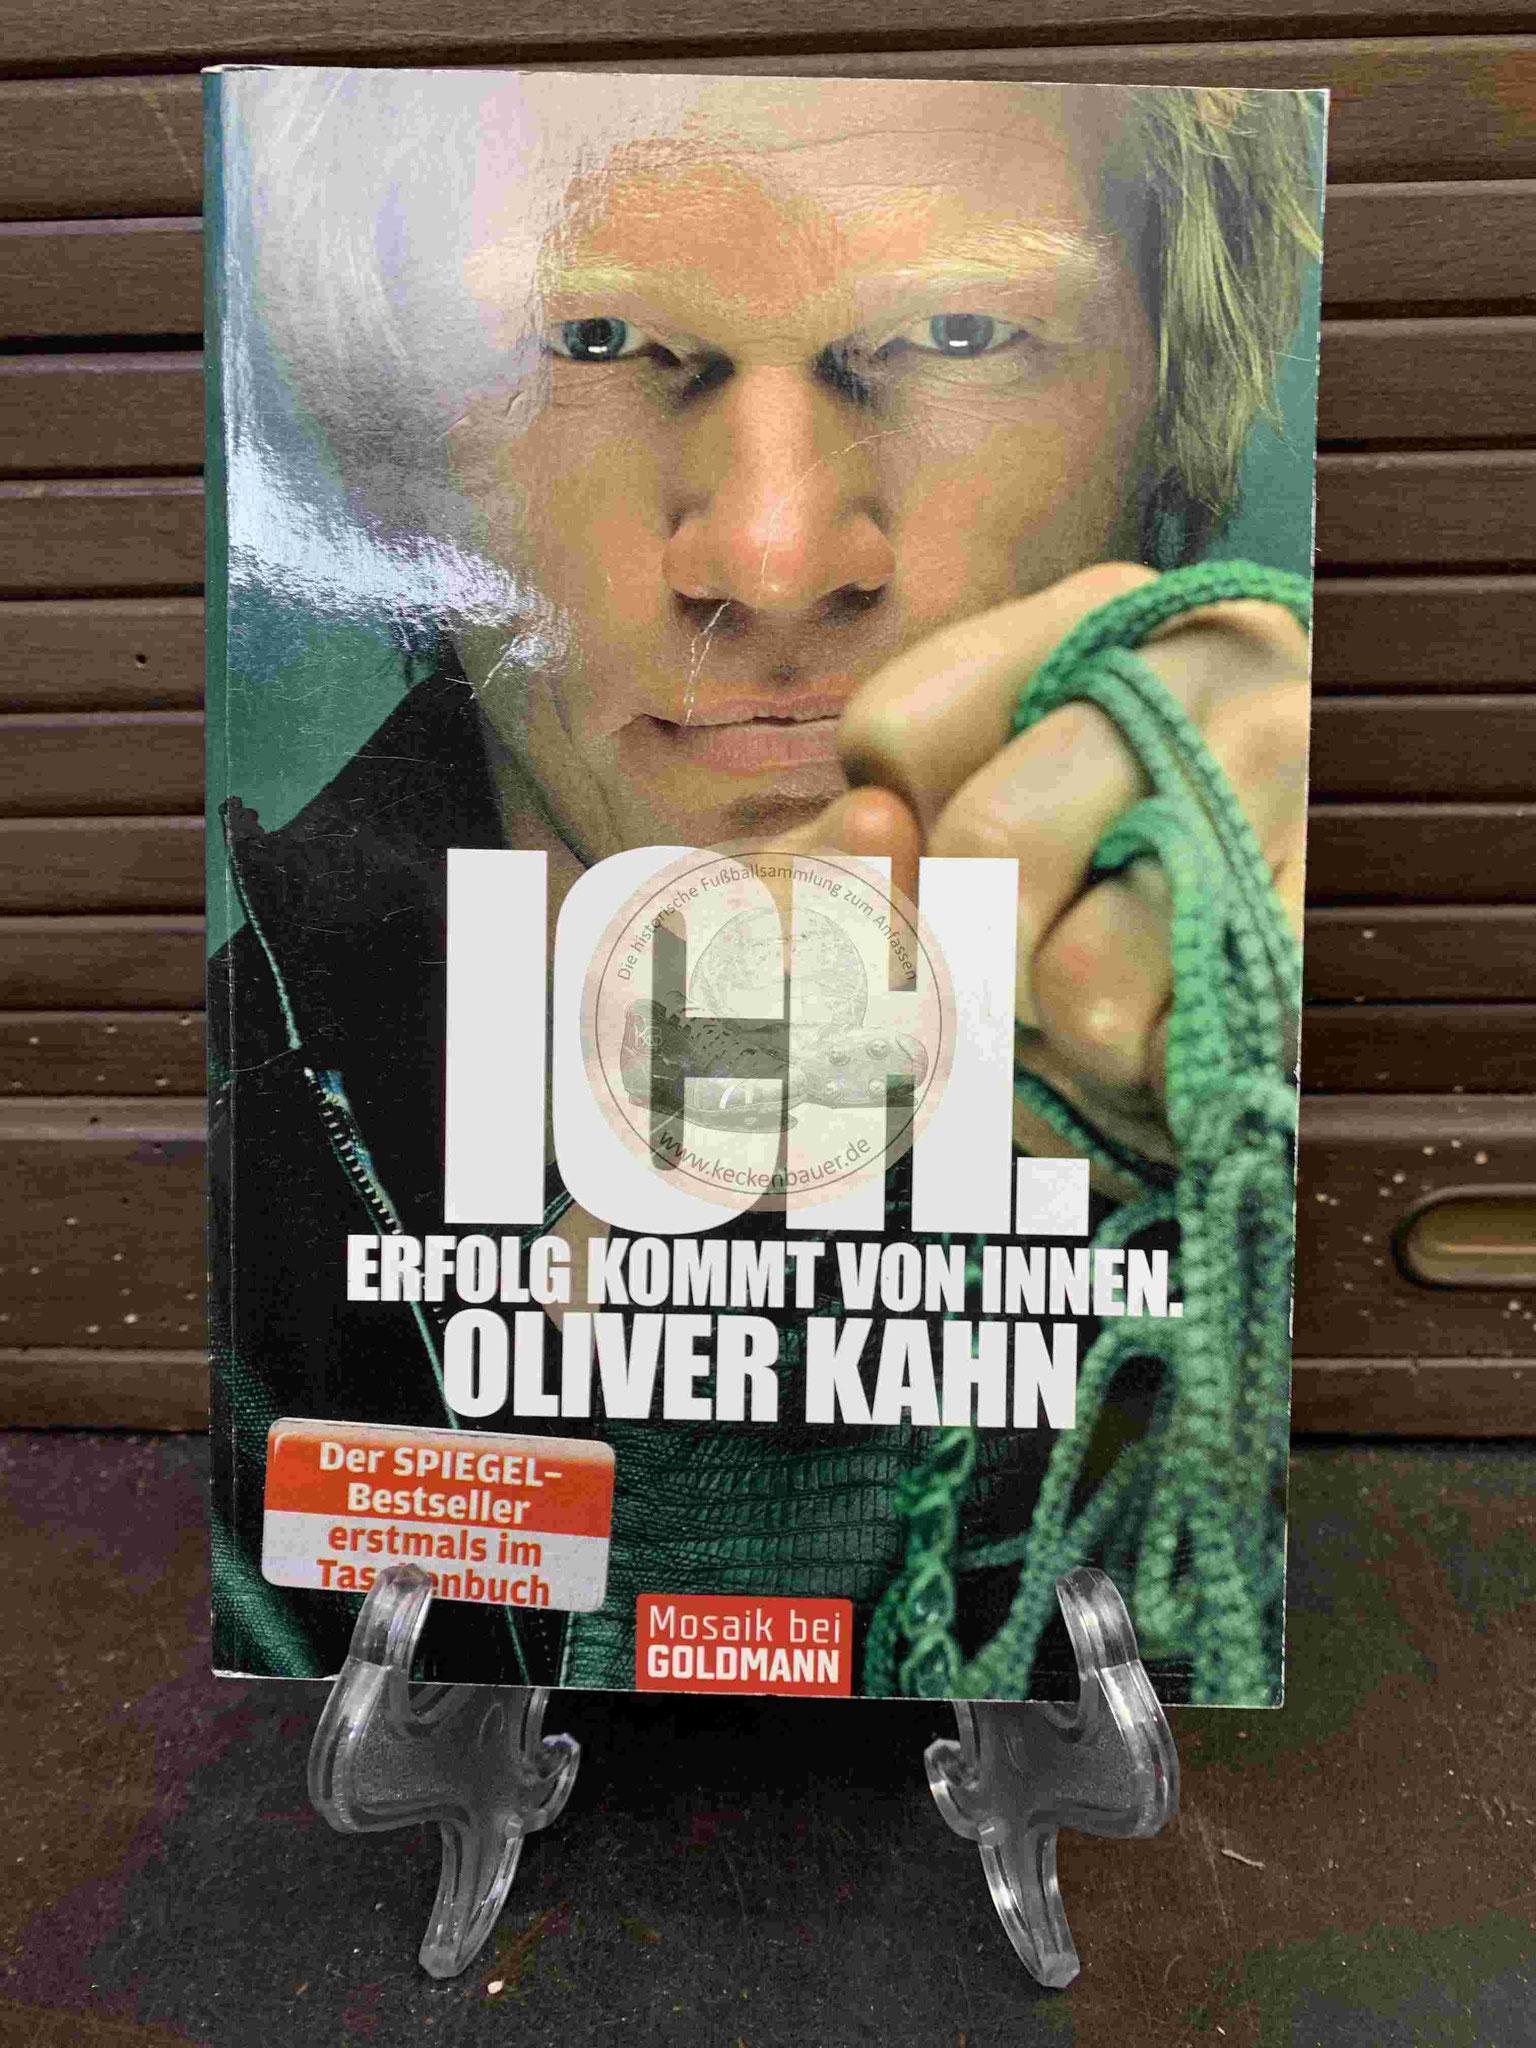 ICH Erfolg kommt von innen Oliver Kahn aus dem Jahr 2010